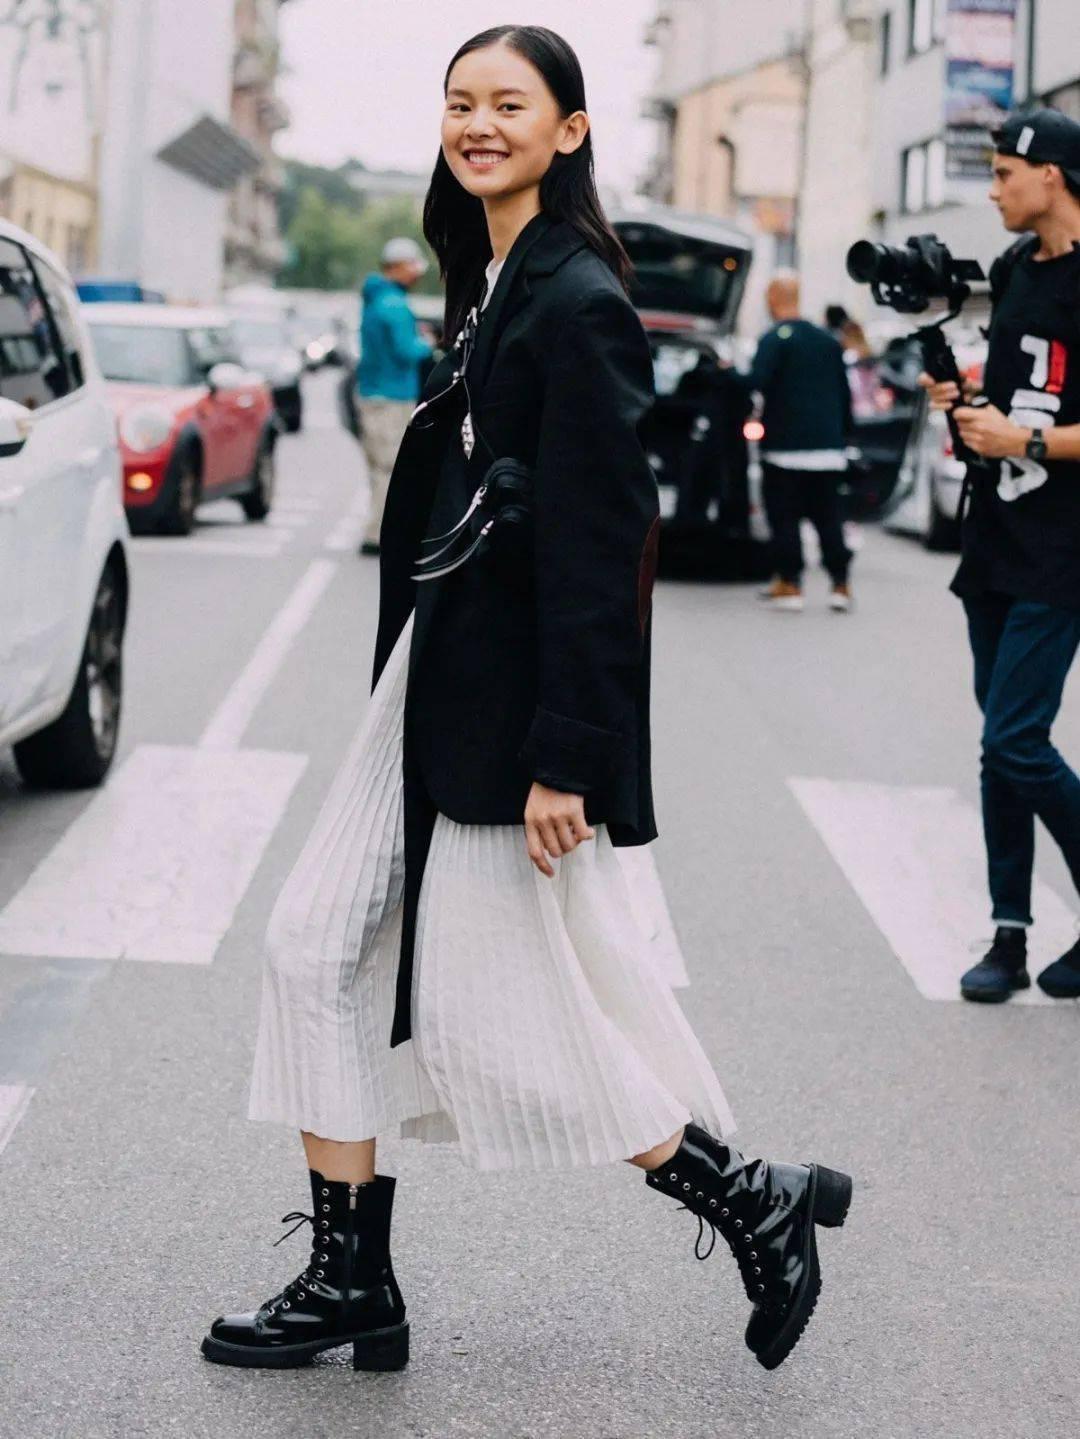 马丁靴+裙子,马丁靴+工装裤……又酷又撩,时髦炸了!     第17张